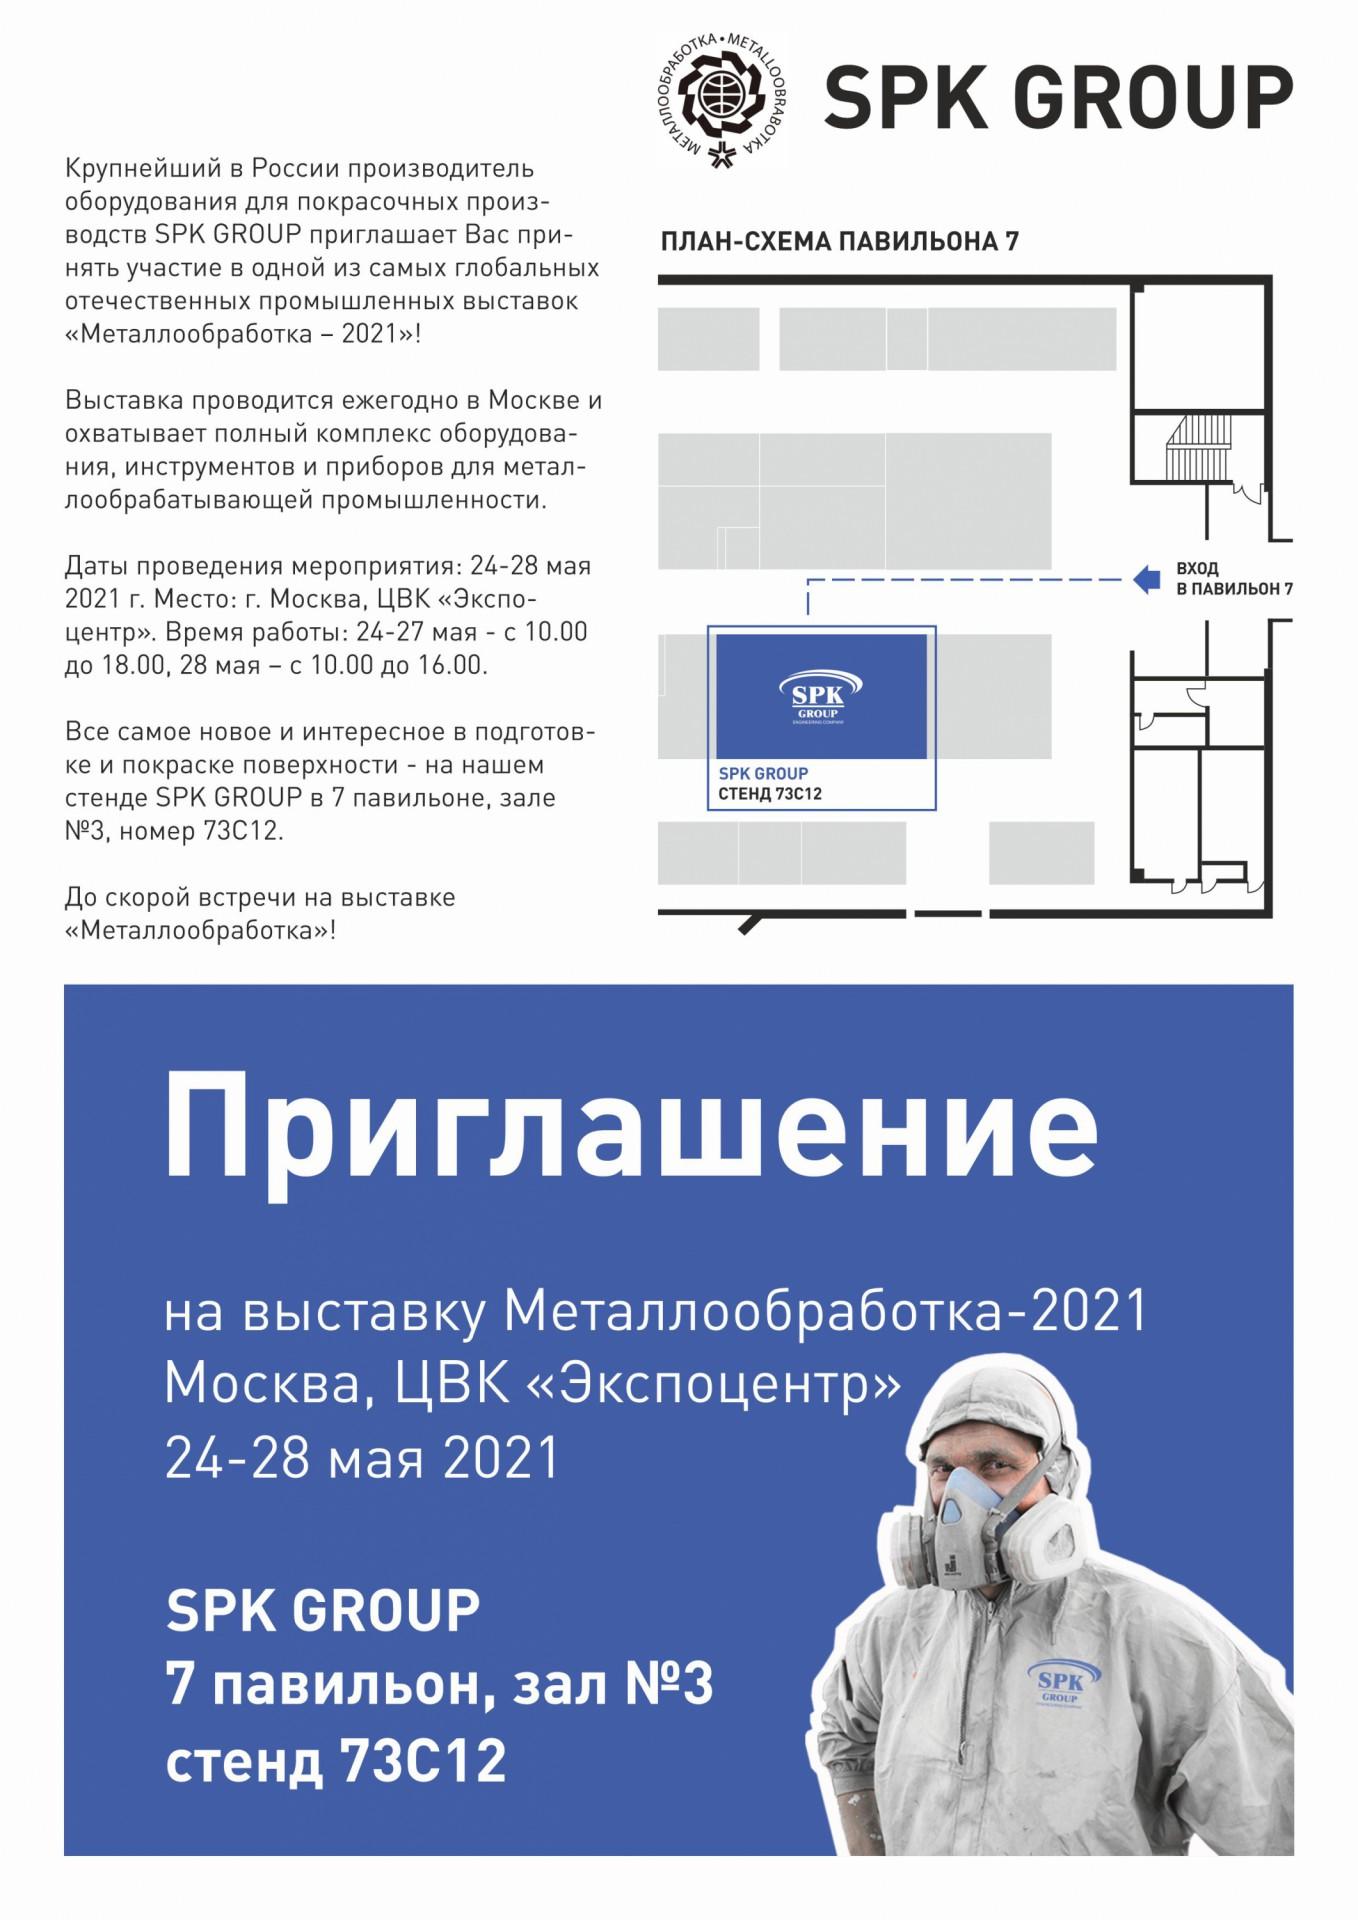 приглашение на выставку Металлообработка 2021 Москва Экспоцентр